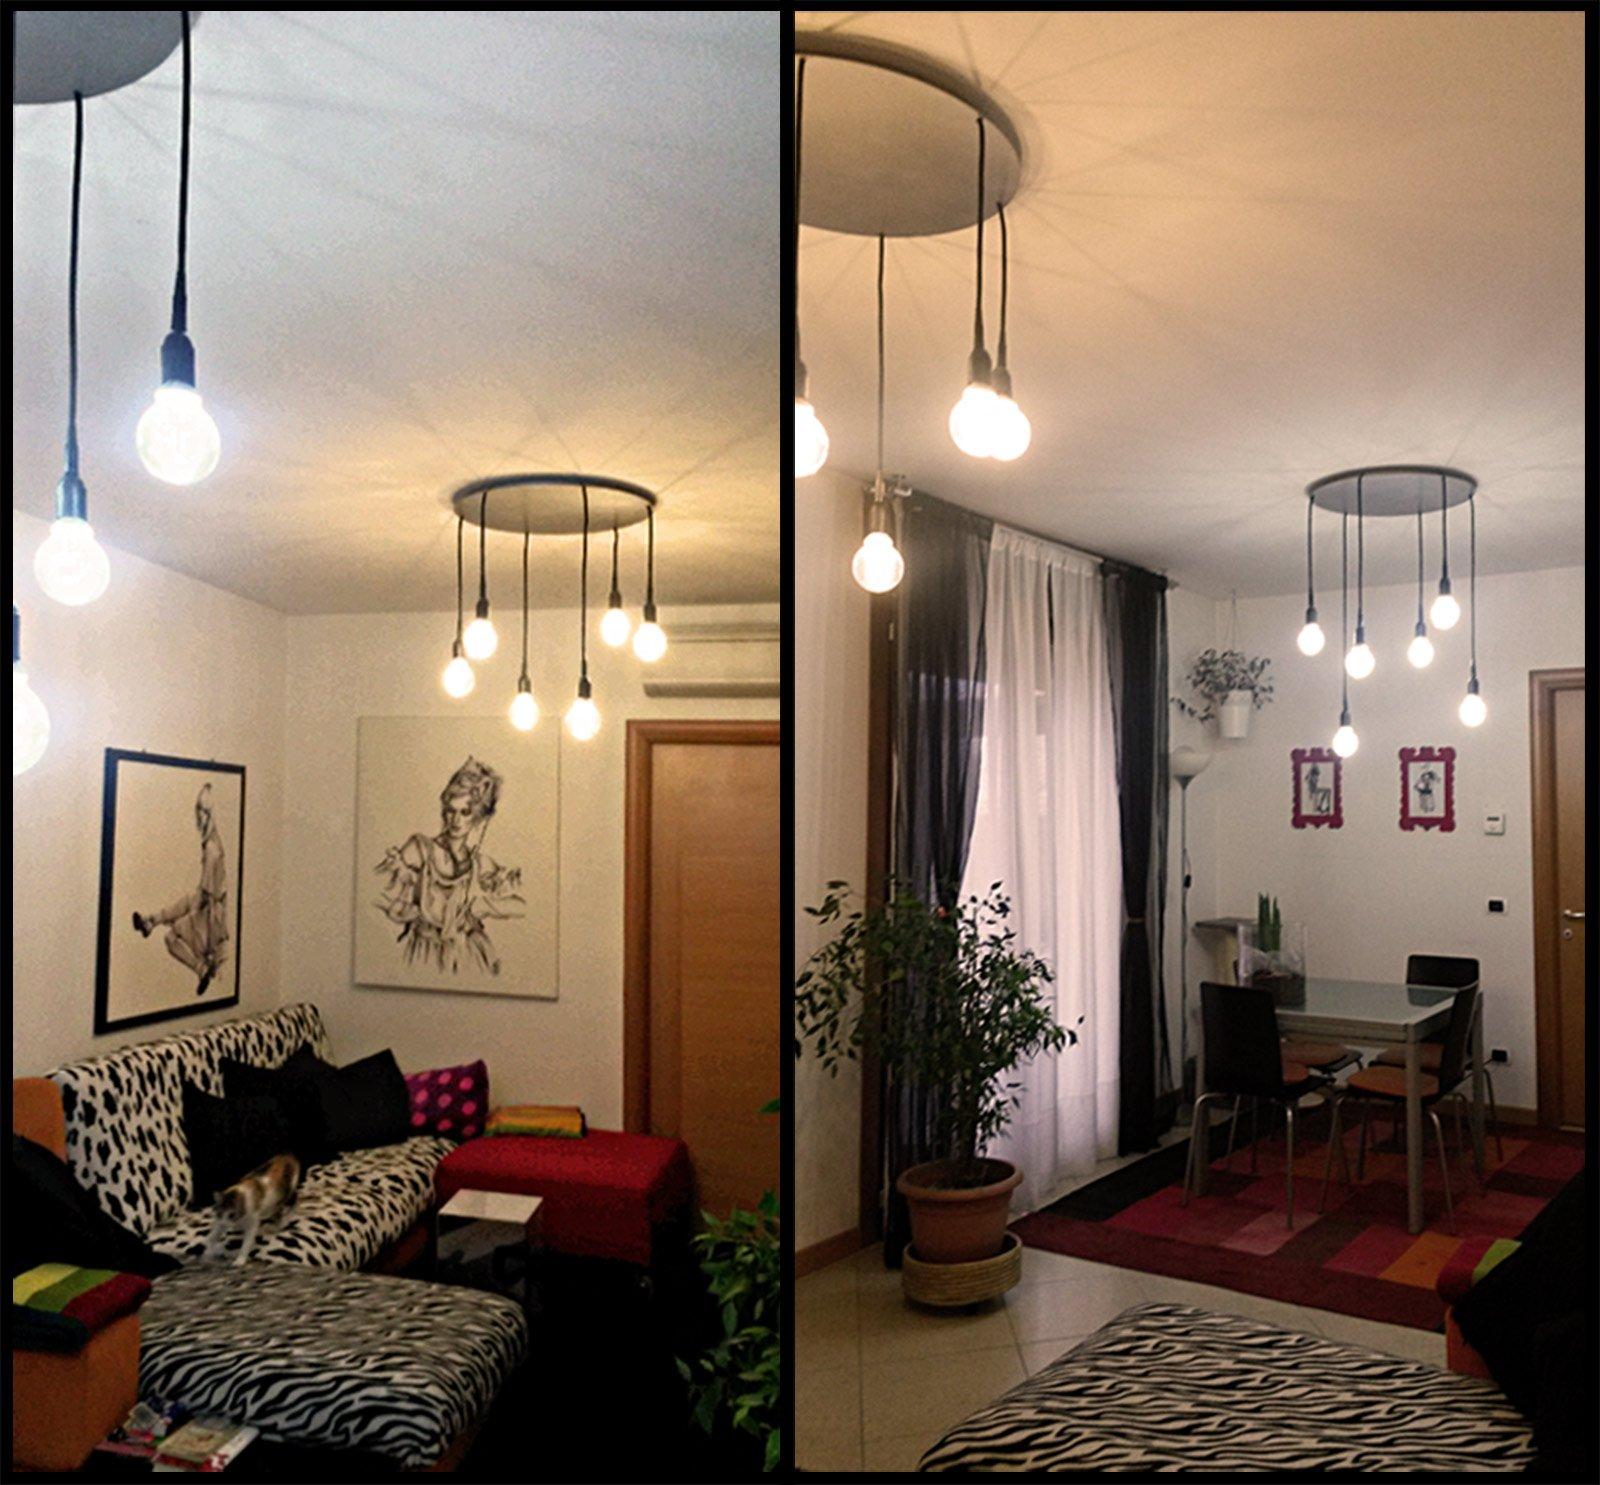 Lampadario a sospensione low cost cose di casa for Lavatrice low cost